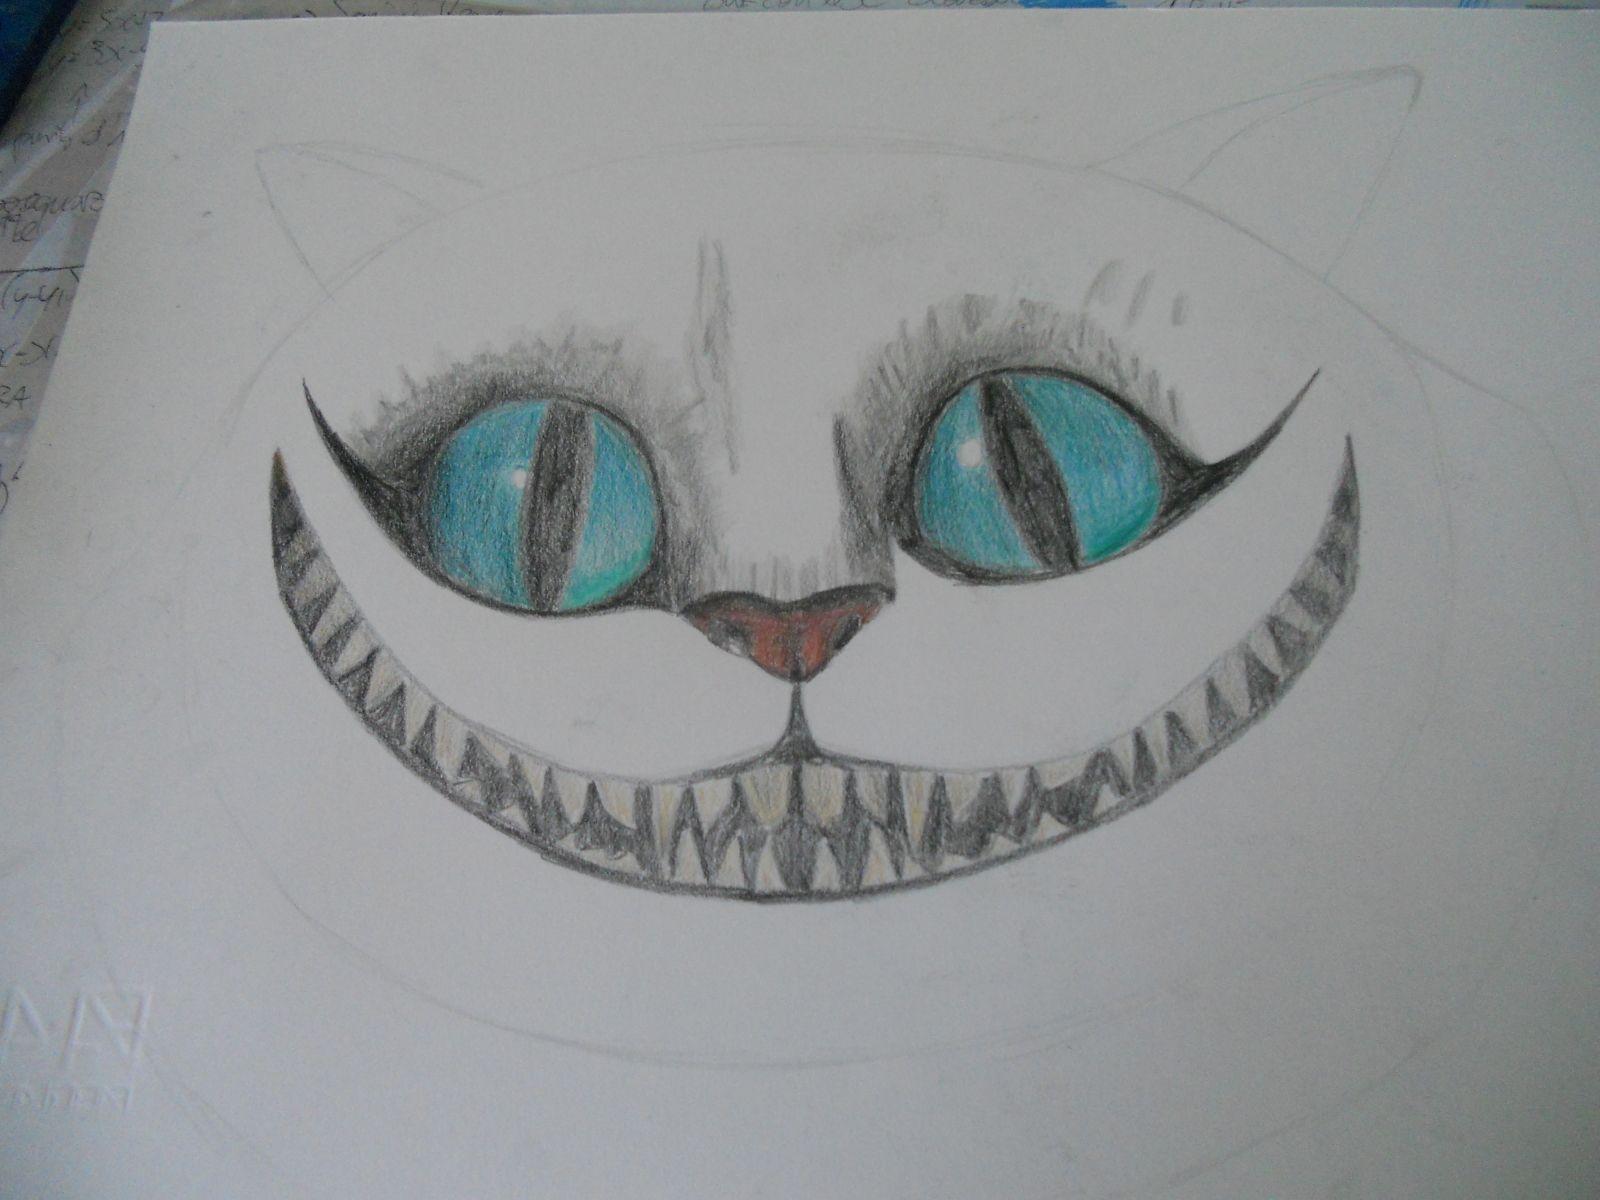 Disegni tumblr cerca con google disegni pinterest for Disegni tumblr facili a matita